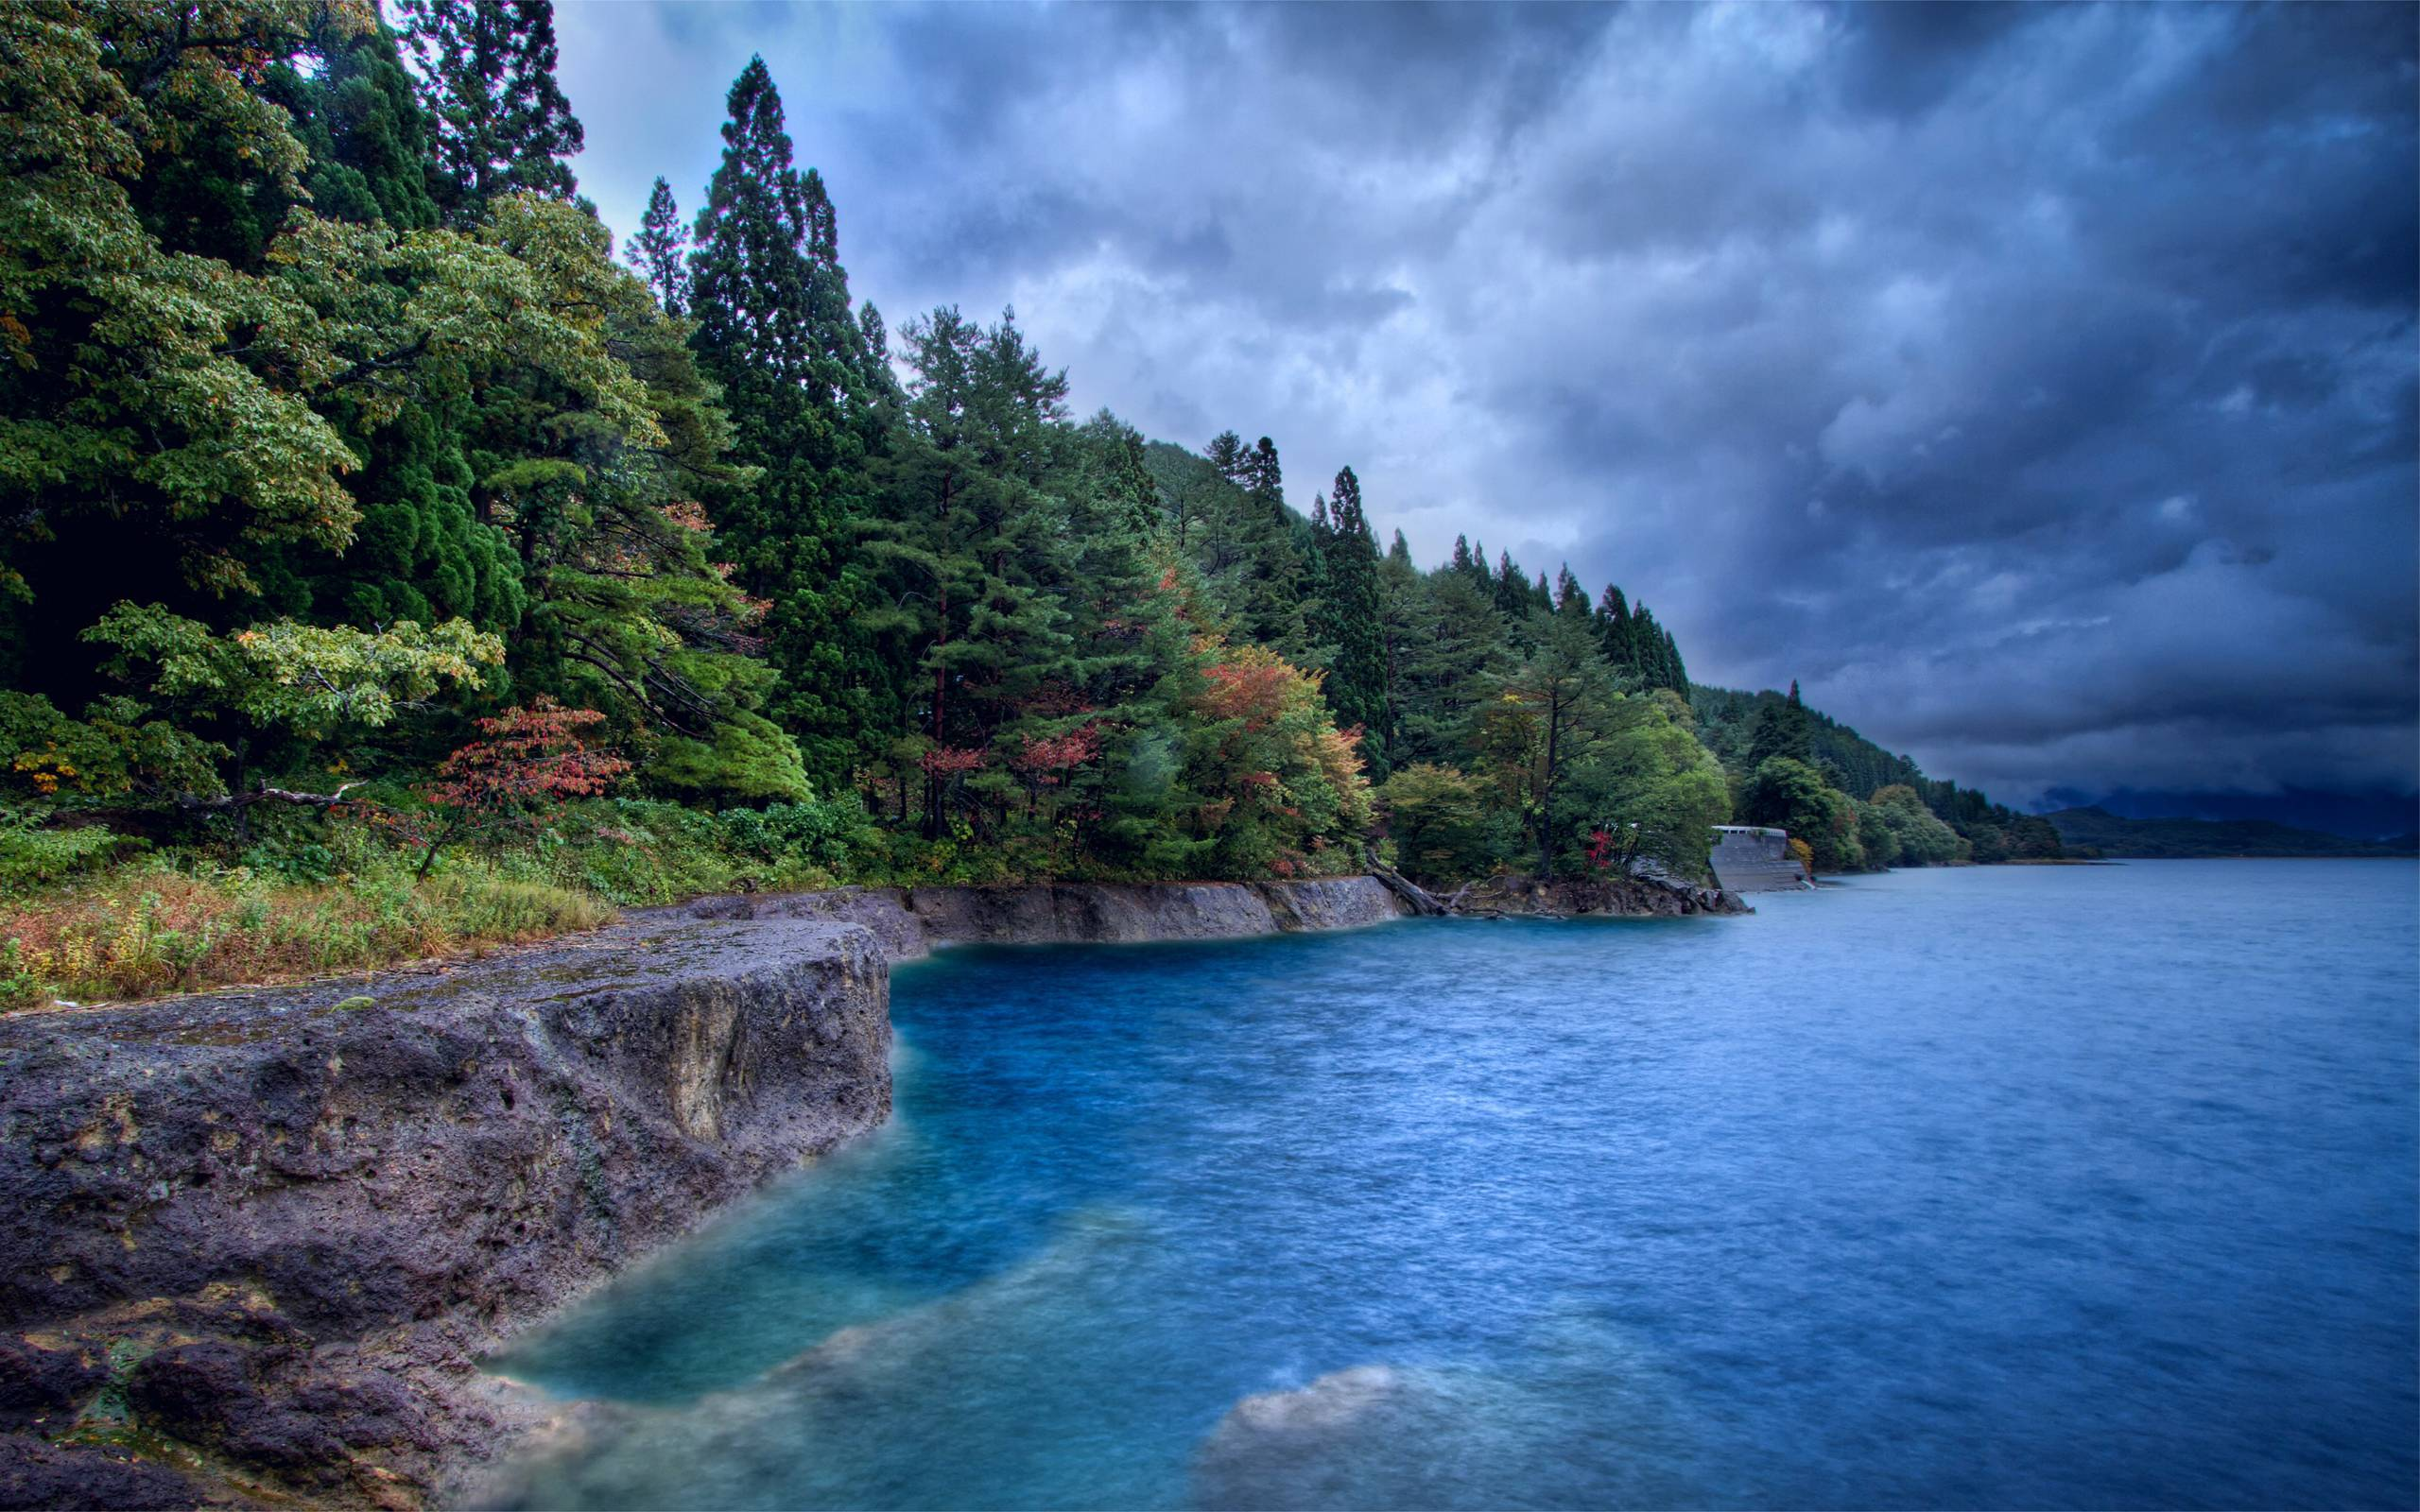 природа река горы скалы деревья облака  № 3796779 загрузить